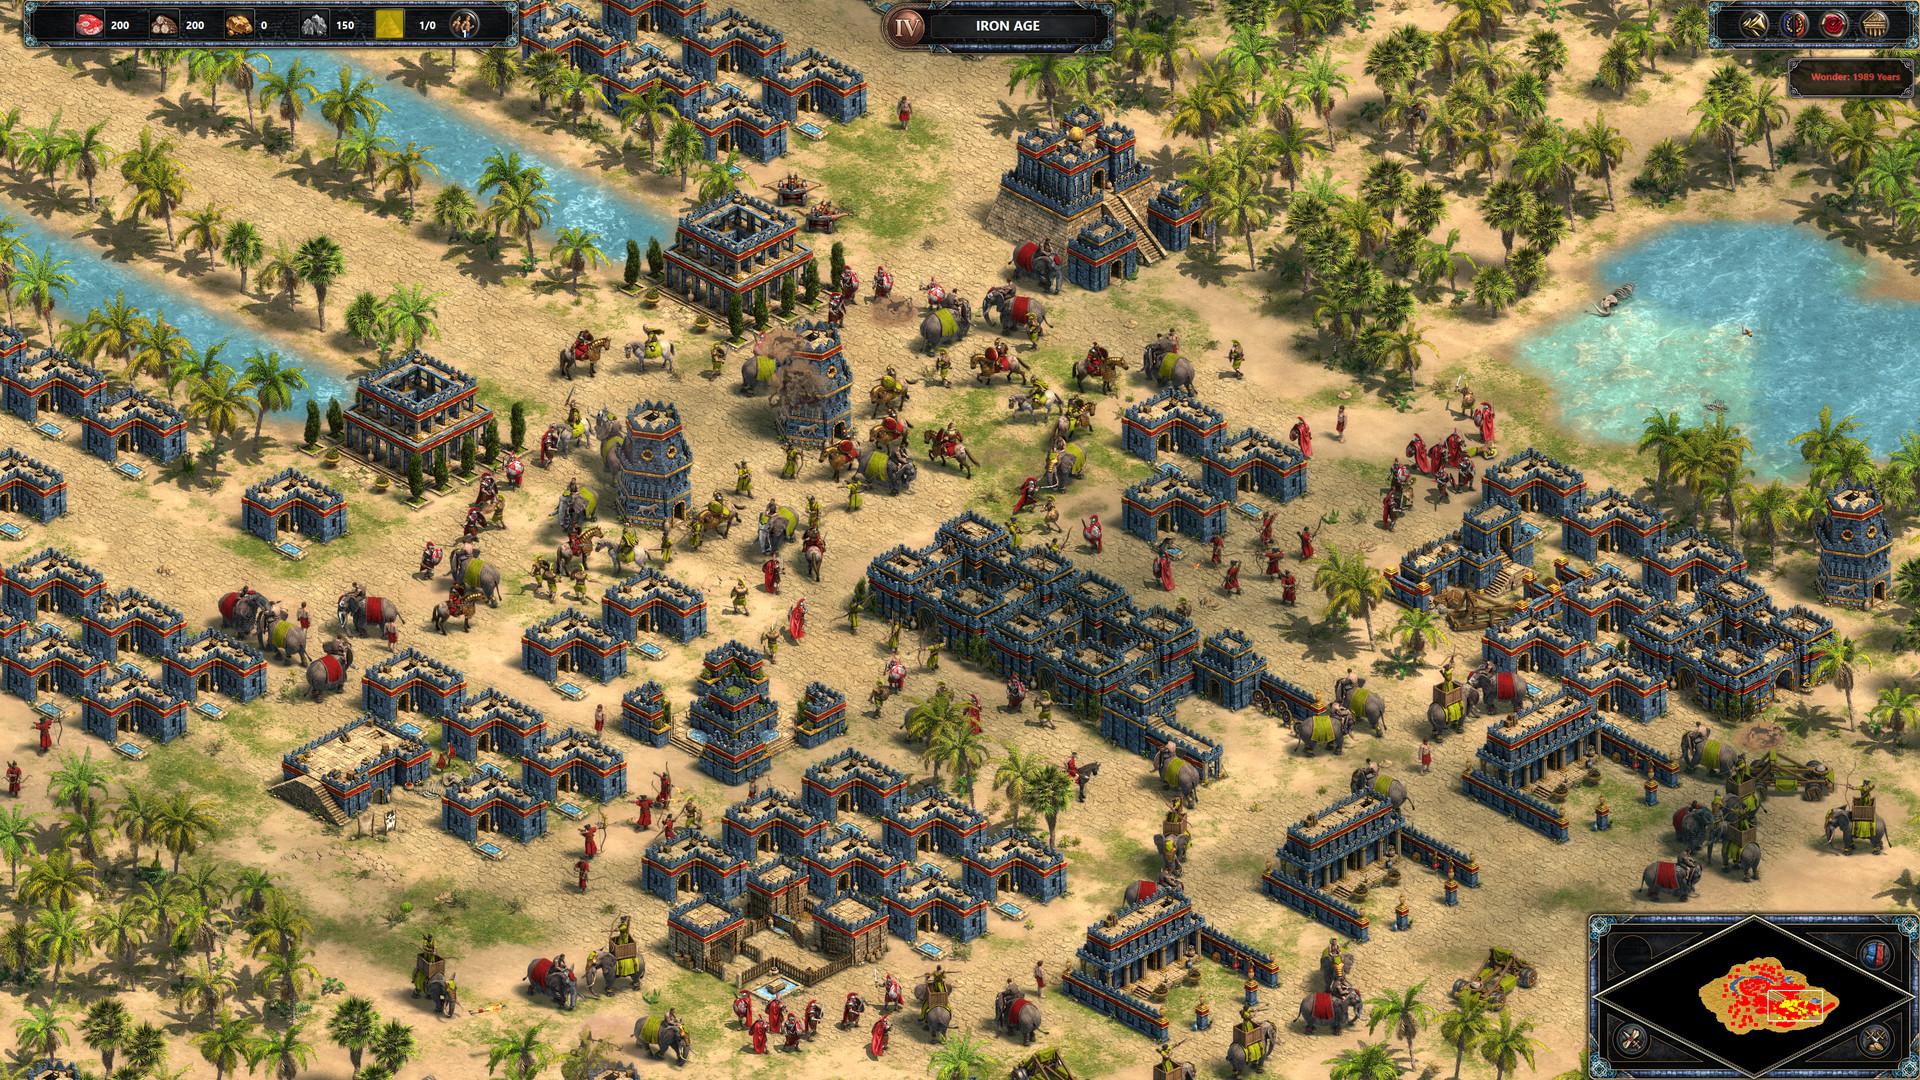 帝国时代:终极版-爱游·幻想